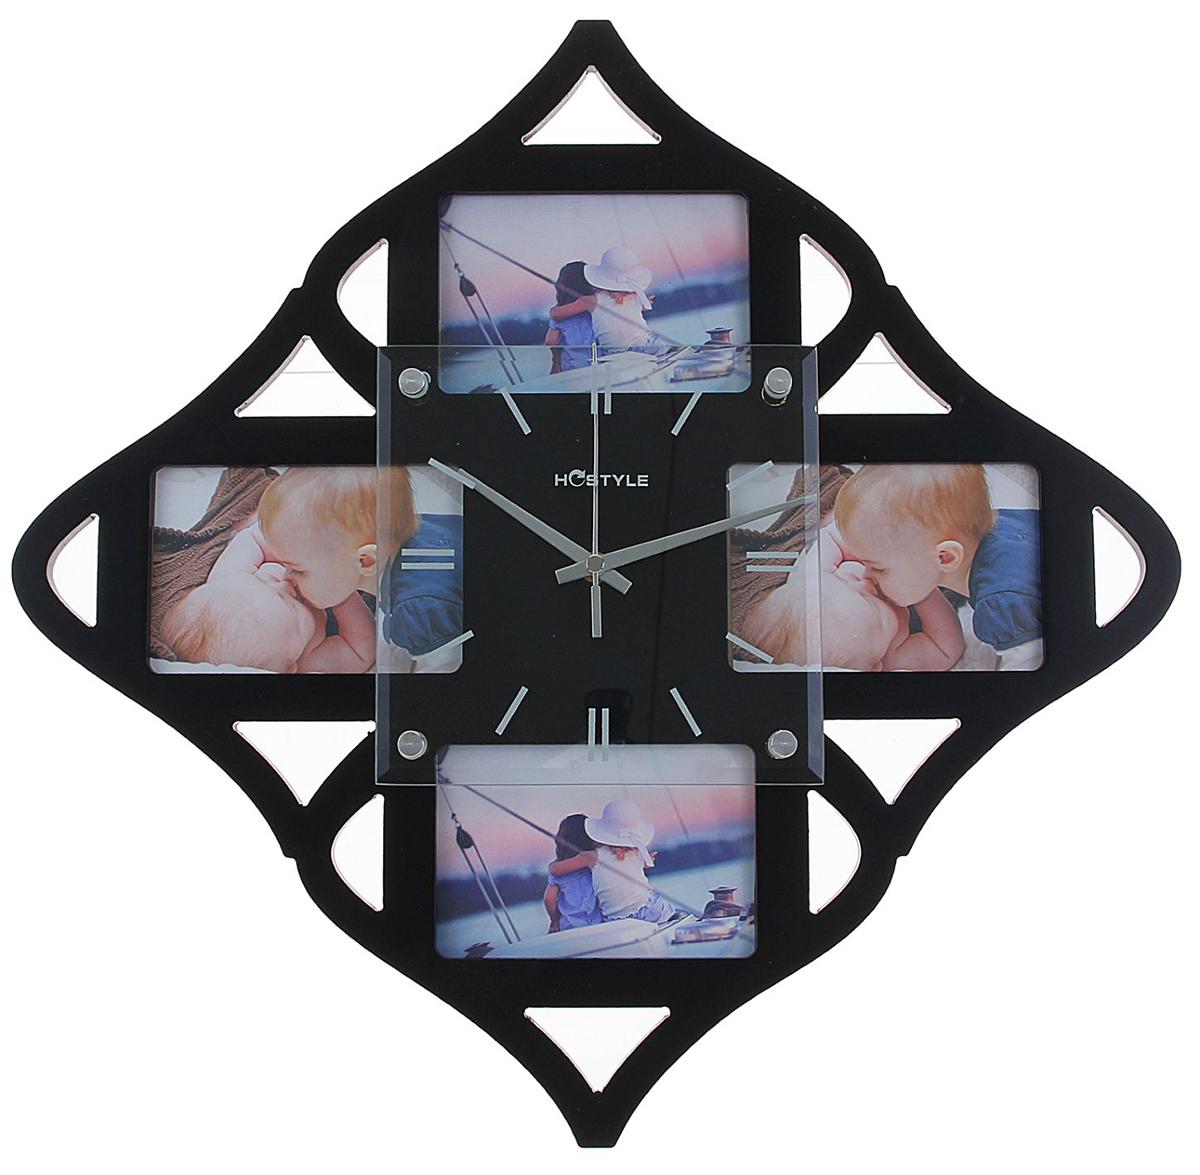 Часы настенные Хайтек. Ромб, 4 фоторамки 8х12, цвет: черный, 39 х 58,5 см1144529Каждому хозяину периодически приходит мысль обновить свою квартиру, сделать ремонт, перестановку или кардинально поменять внешний вид каждой комнаты. Часы настенные Хайтек. Ромб, черные + 4 фоторамки 8 ? 12 см — привлекательная деталь, которая поможет воплотить вашу интерьерную идею, создать неповторимую атмосферу в вашем доме. Окружите себя приятными мелочами, пусть они радуют глаз и дарят гармонию. Хотите создать свое небольшое генеалогическое древо, но не знаете как? Начните с такой прекрасной фоторамки в виде коллажа! Она не только украсит ваш интерьер, объединит дорогие сердцу события в одну замечательную композицию, но и заложит фундамент для создания семейного дерева. Такая необычная фоторамка станет чудесным подарком по случаю праздника.Часы настенные хайтек+4 фоторамки Ромб черные (фото 8х12) 39*58,5см 1144529